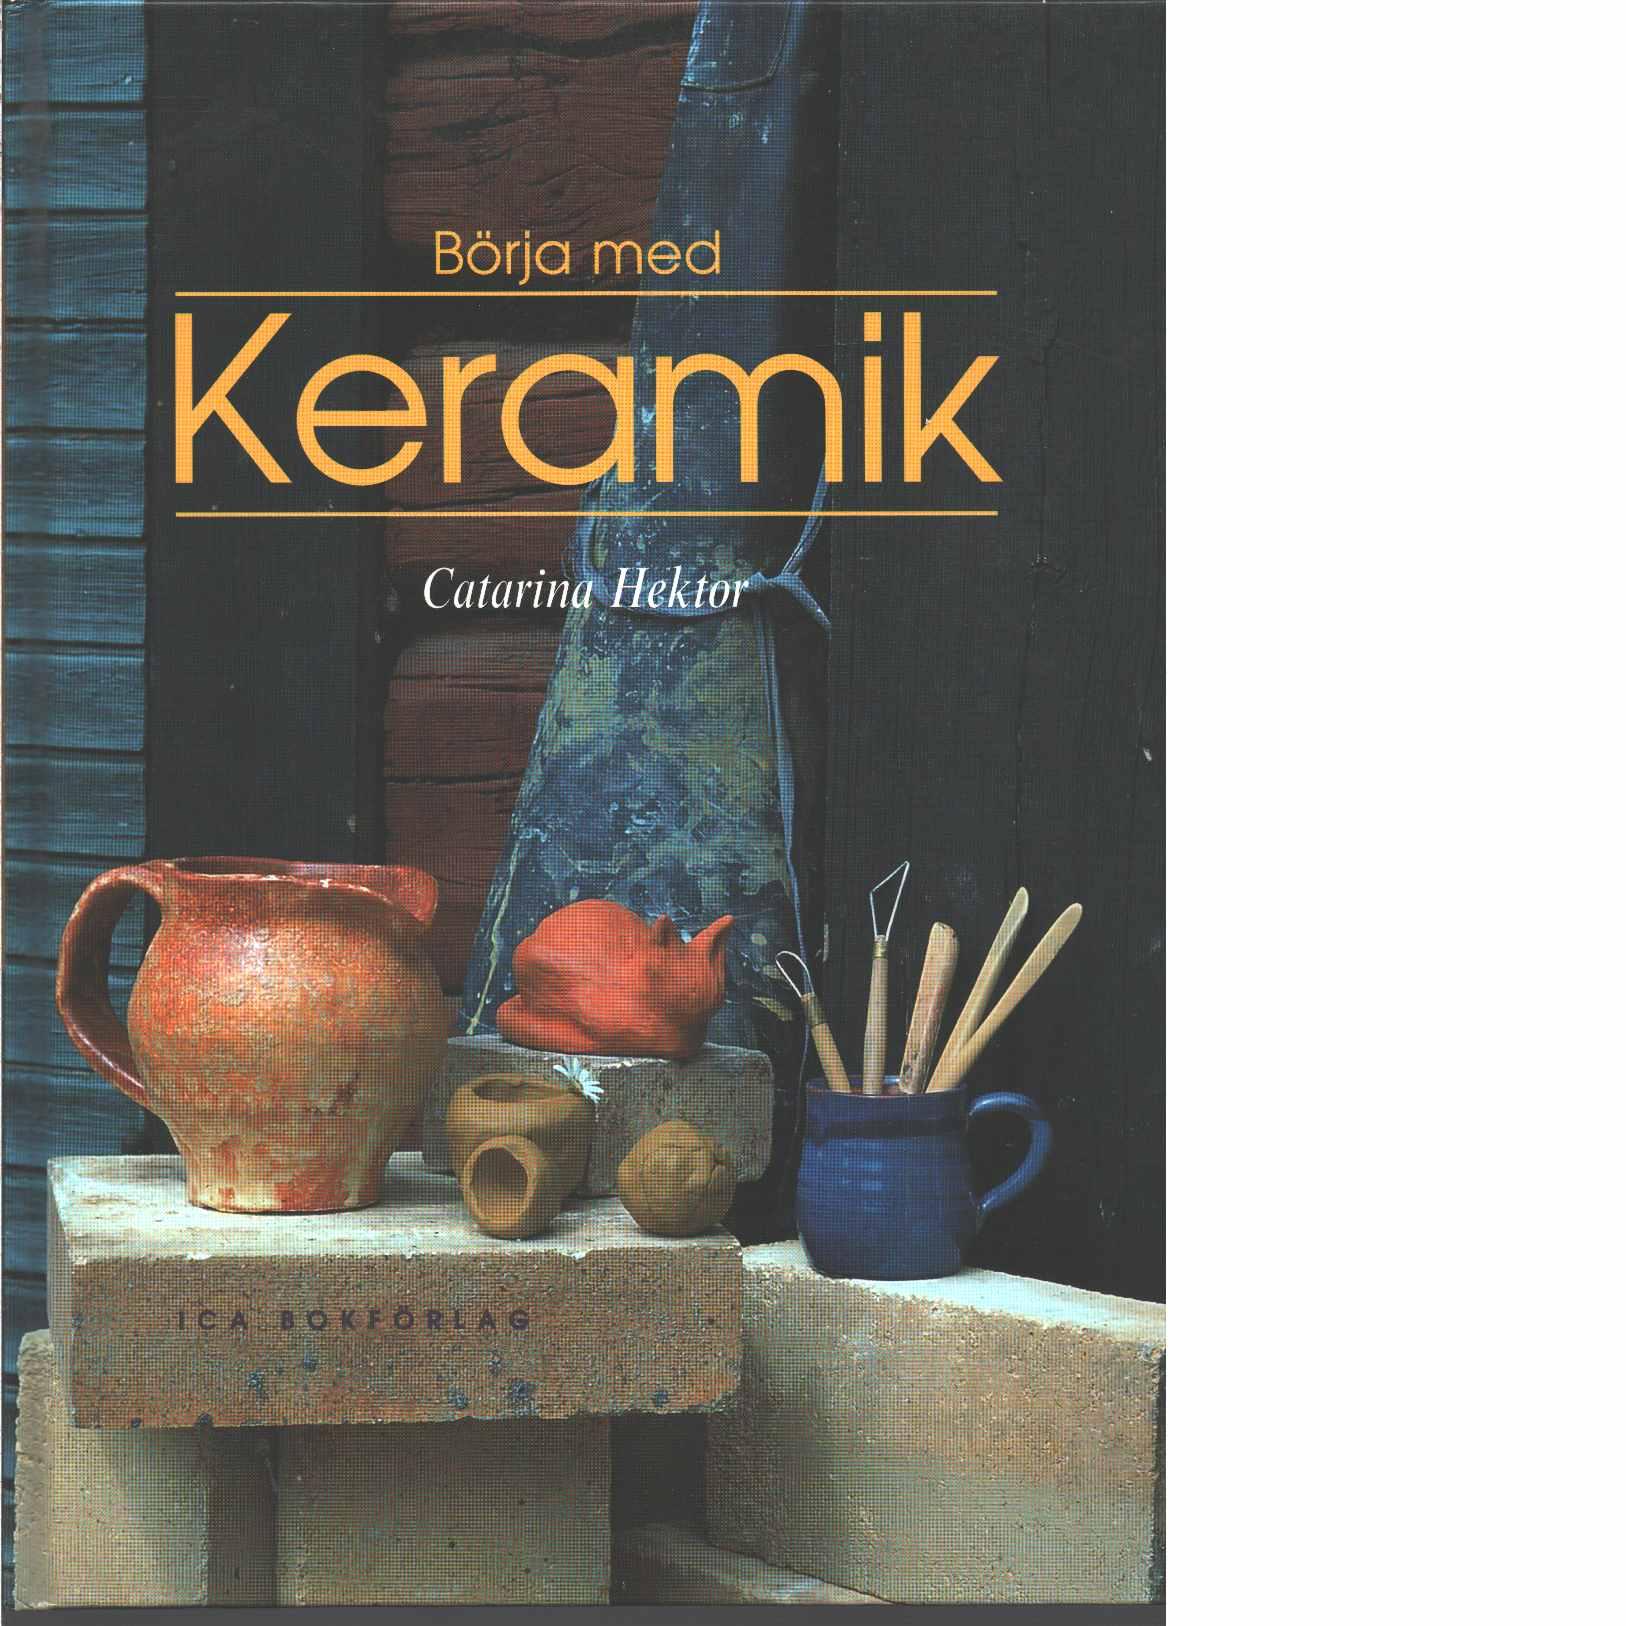 Börja med keramik  - Hektor, Catarina